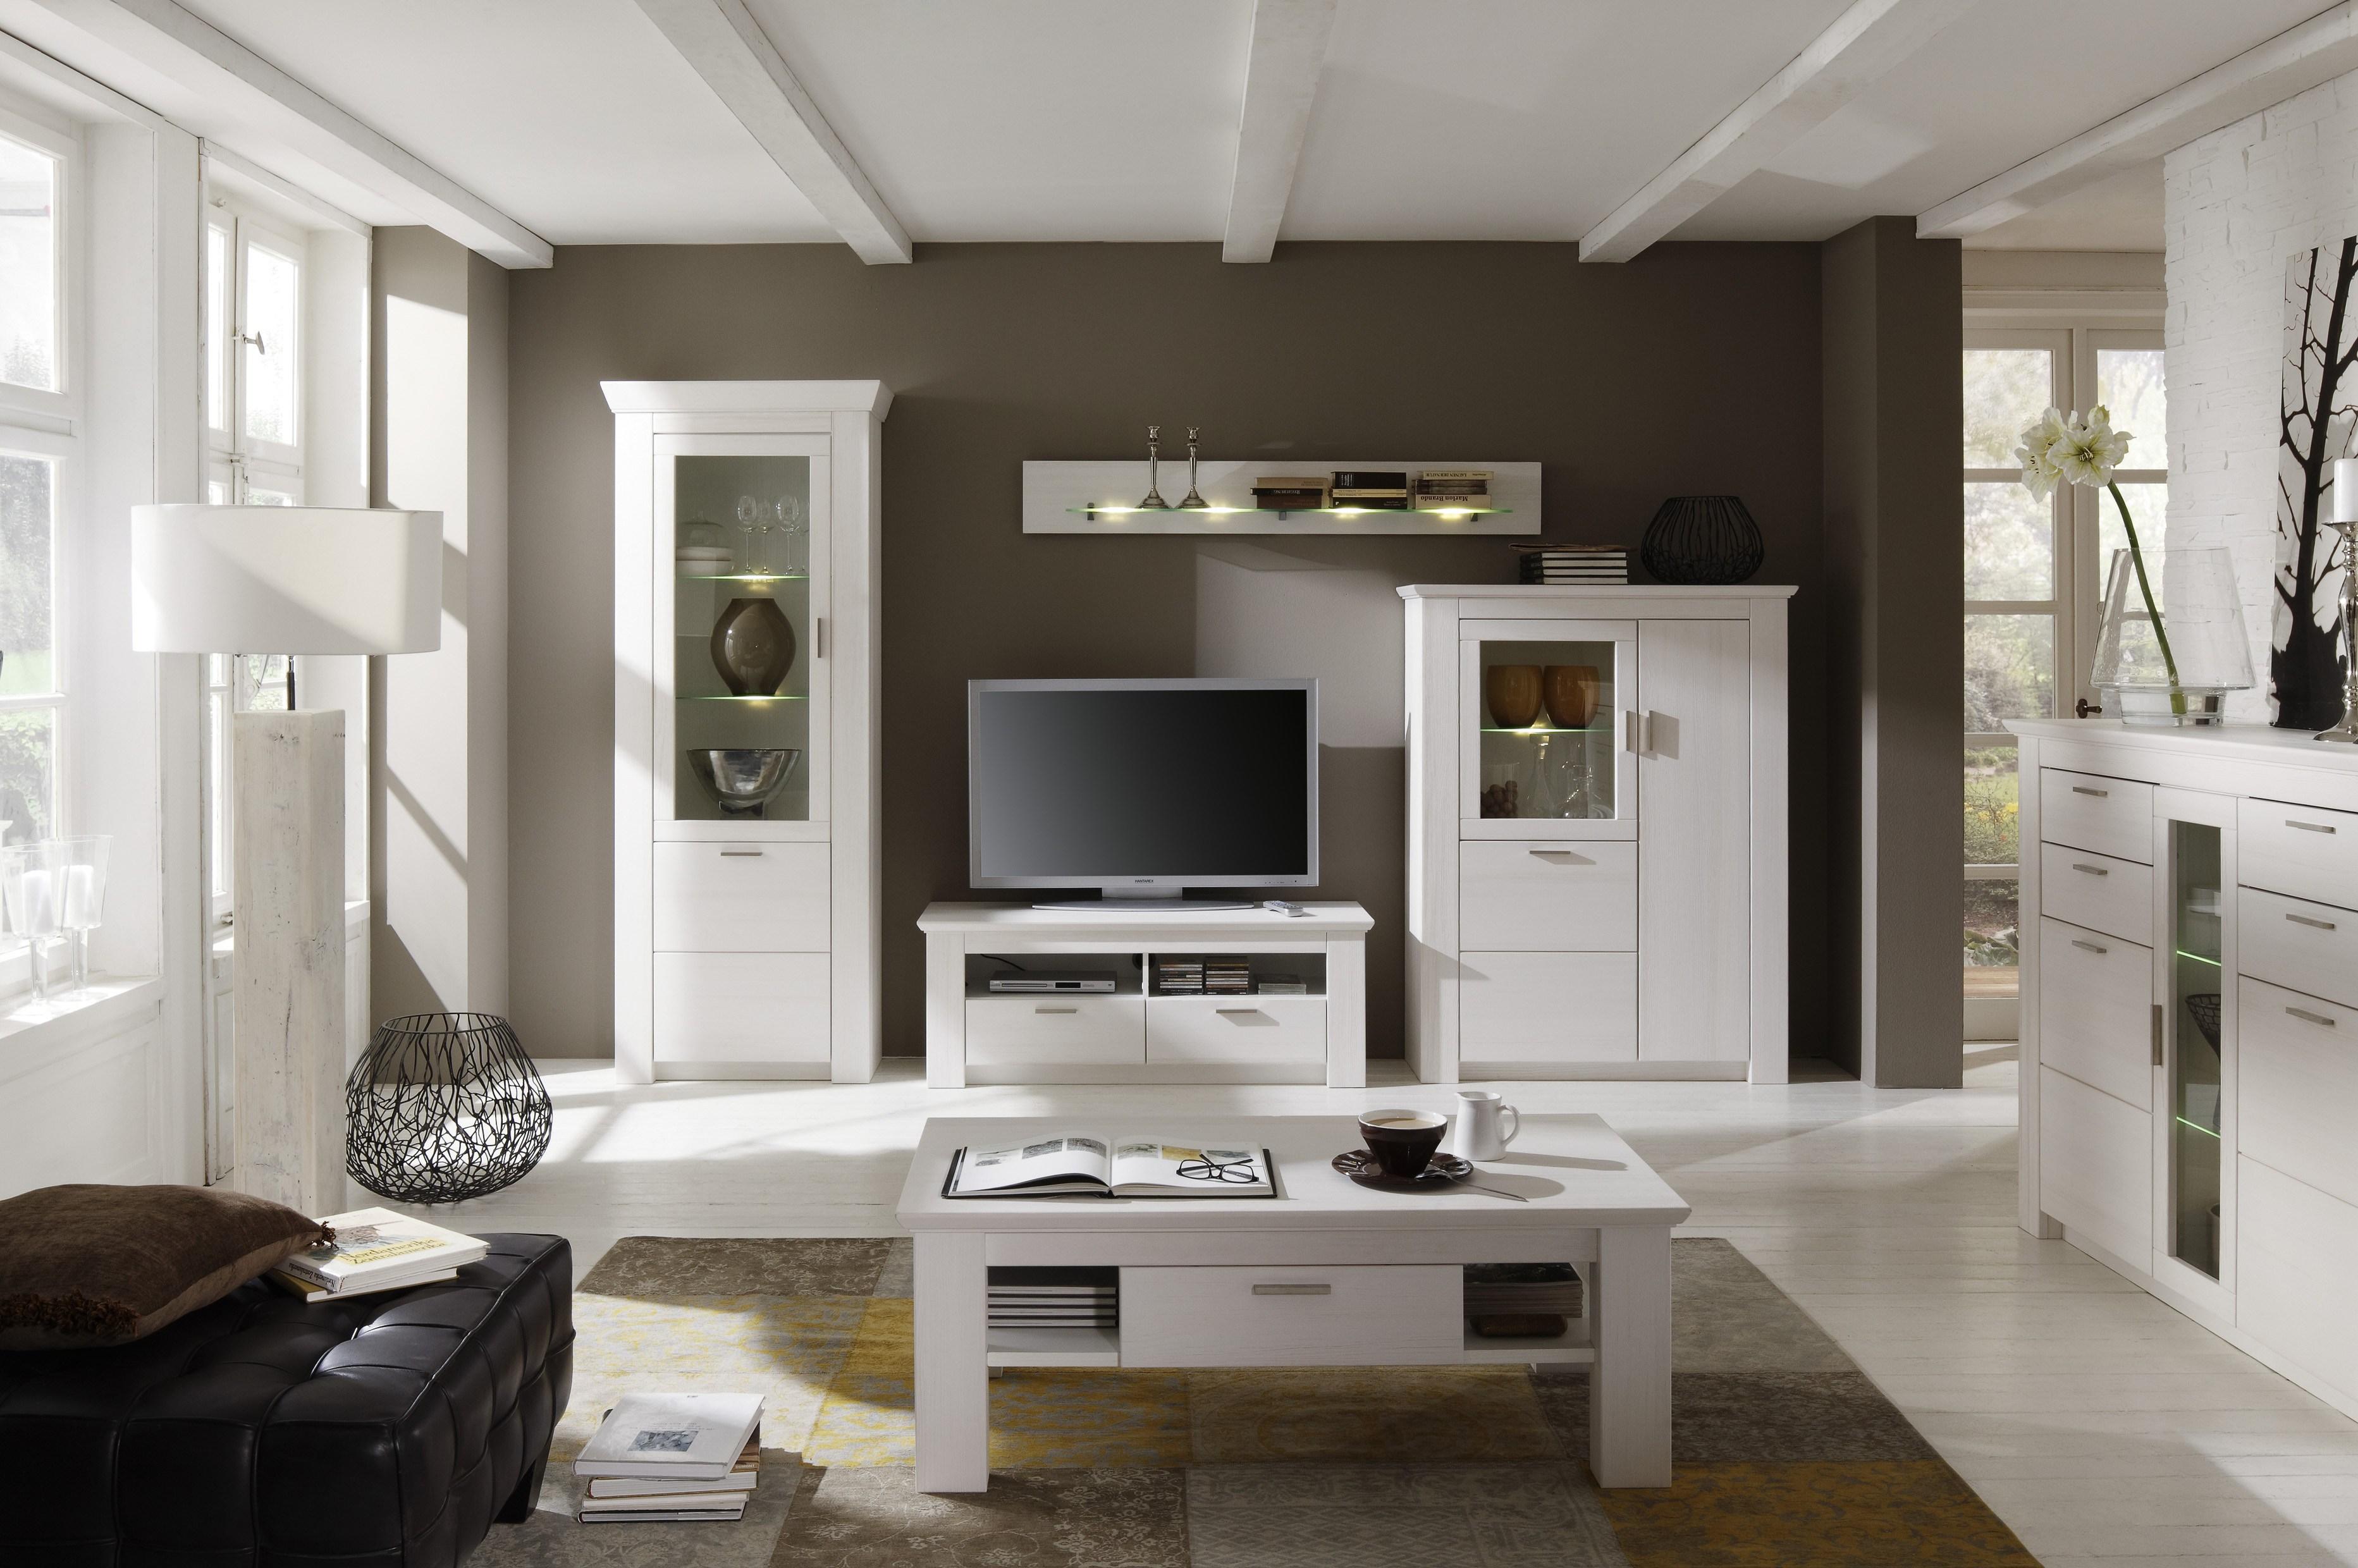 Wohnzimmer Einrichten Braun Weiss Einfach On Mit Recybuche Com 5